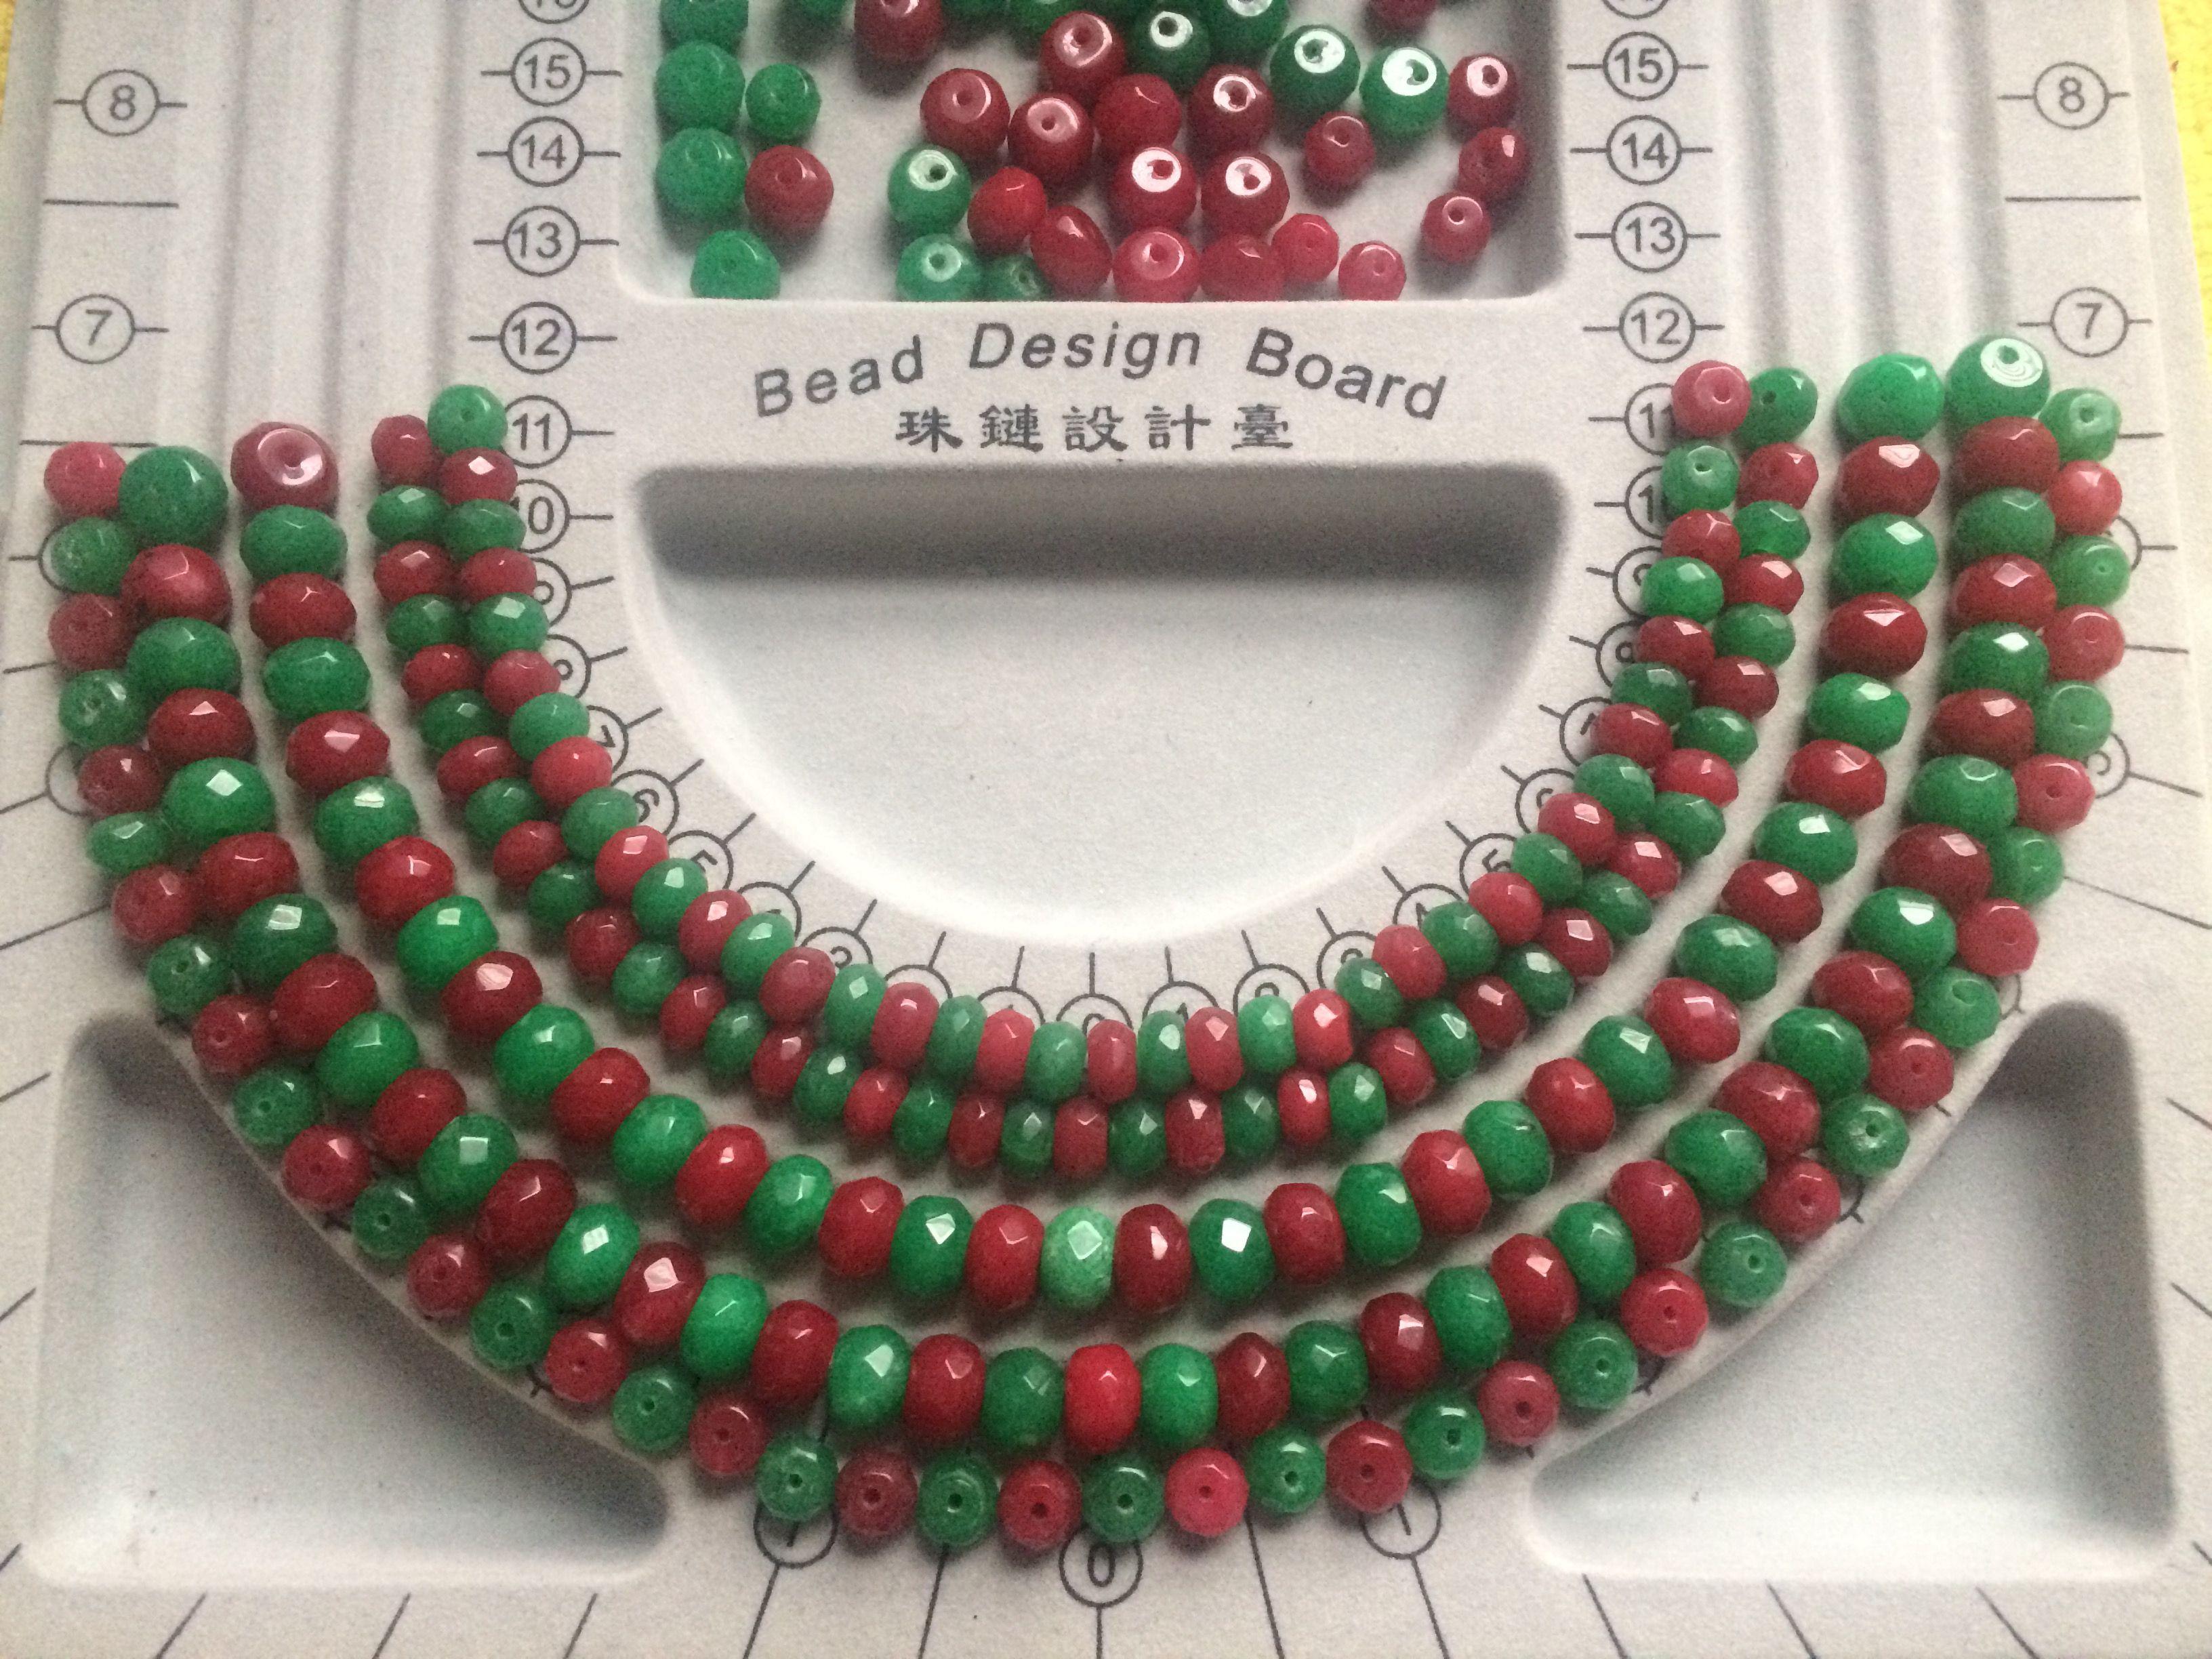 #bead stringing# bead designer#necklace designer # necklace making# diseño de collares # tejedora de collares# collares especialista# hechura de collares